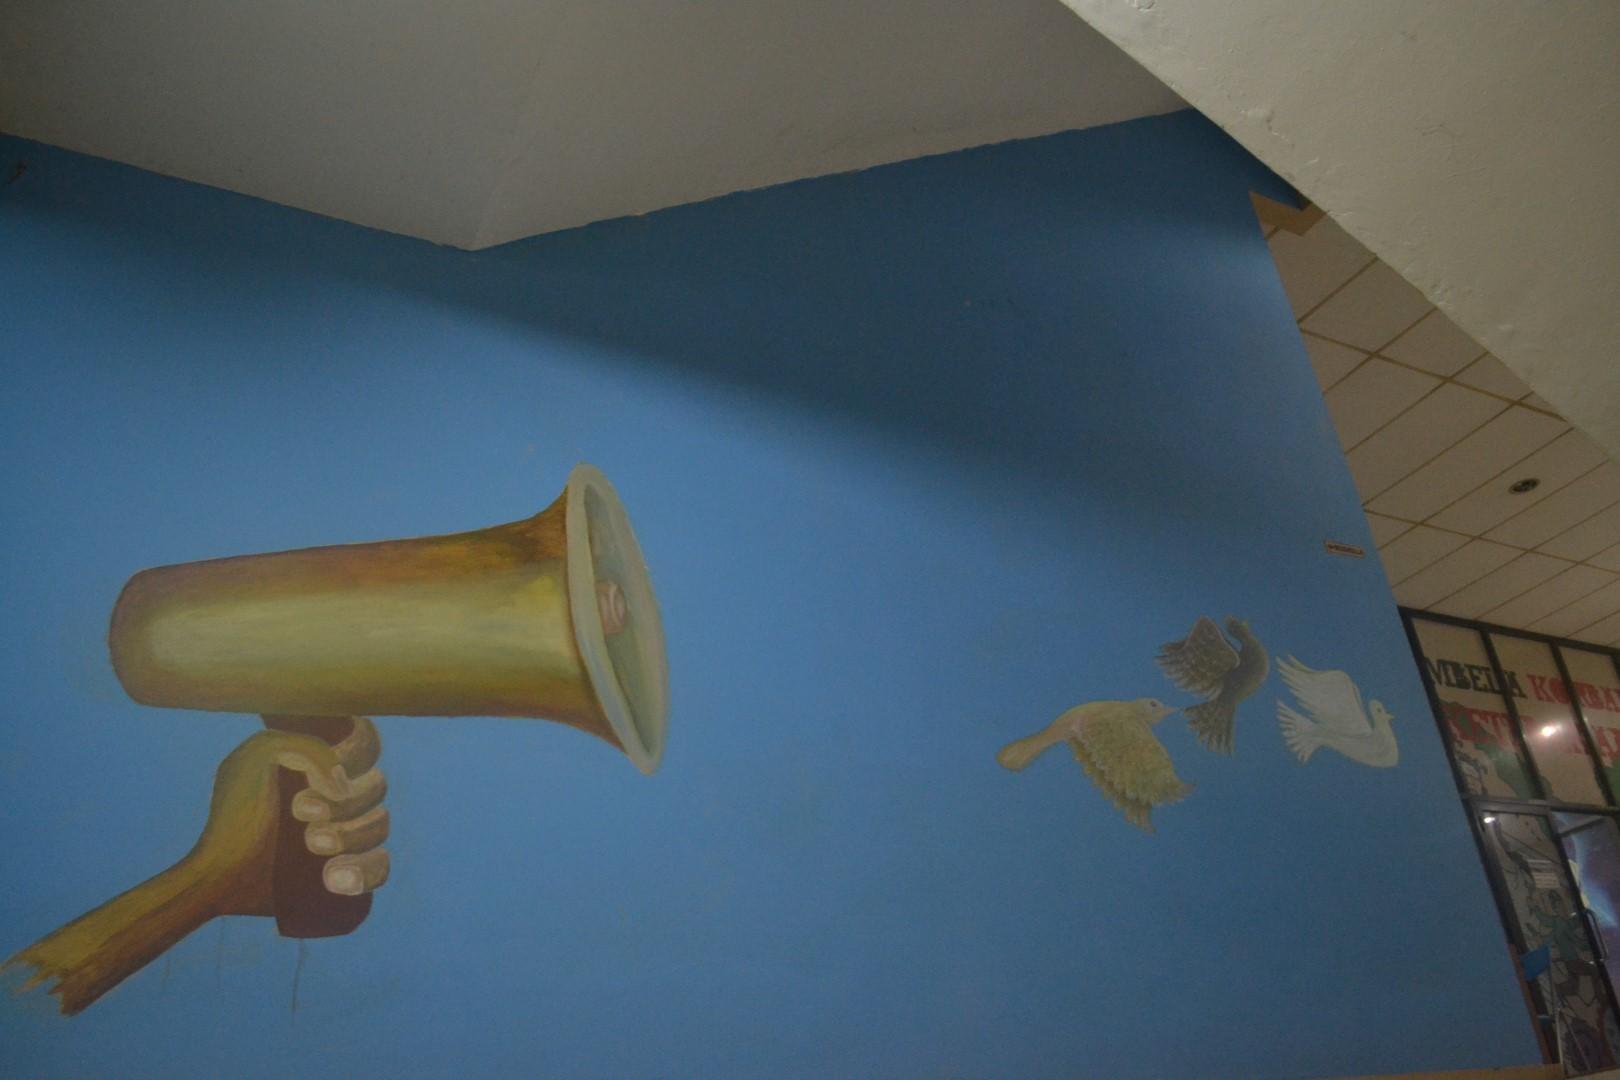 Tak jauh dari mural Marsinah, Wiji Thukul, dan Suyat terdapat mural toa yang dipegang lalu mengeluarkan 3 ekor burung. Mural ini melambangkan bahwa perjuangan dapat terbang dan dibawa kemana saja.